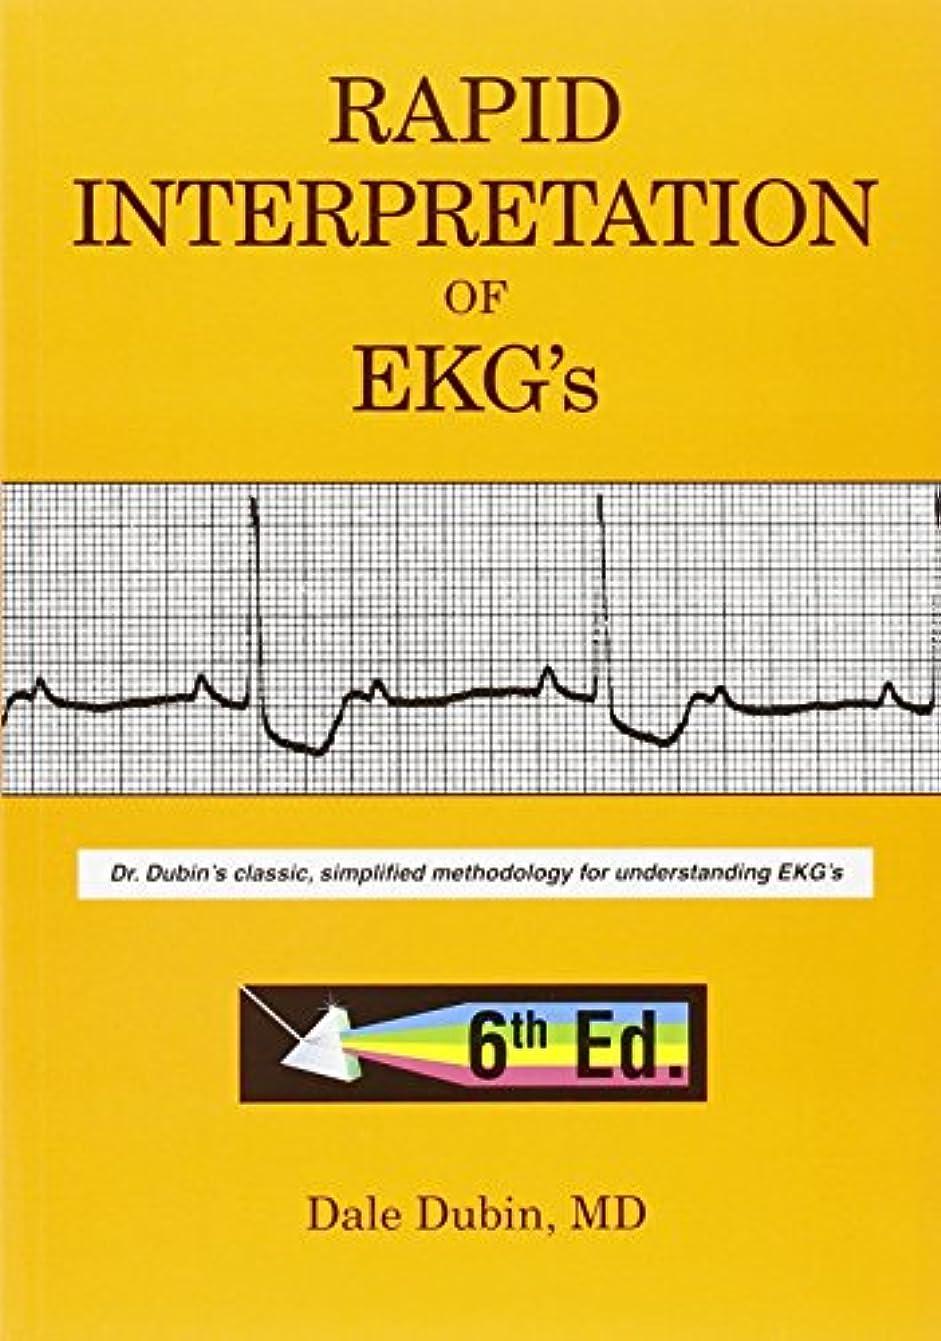 統計公爵基準Rapid Interpretation of EKG's: An Interactive Course